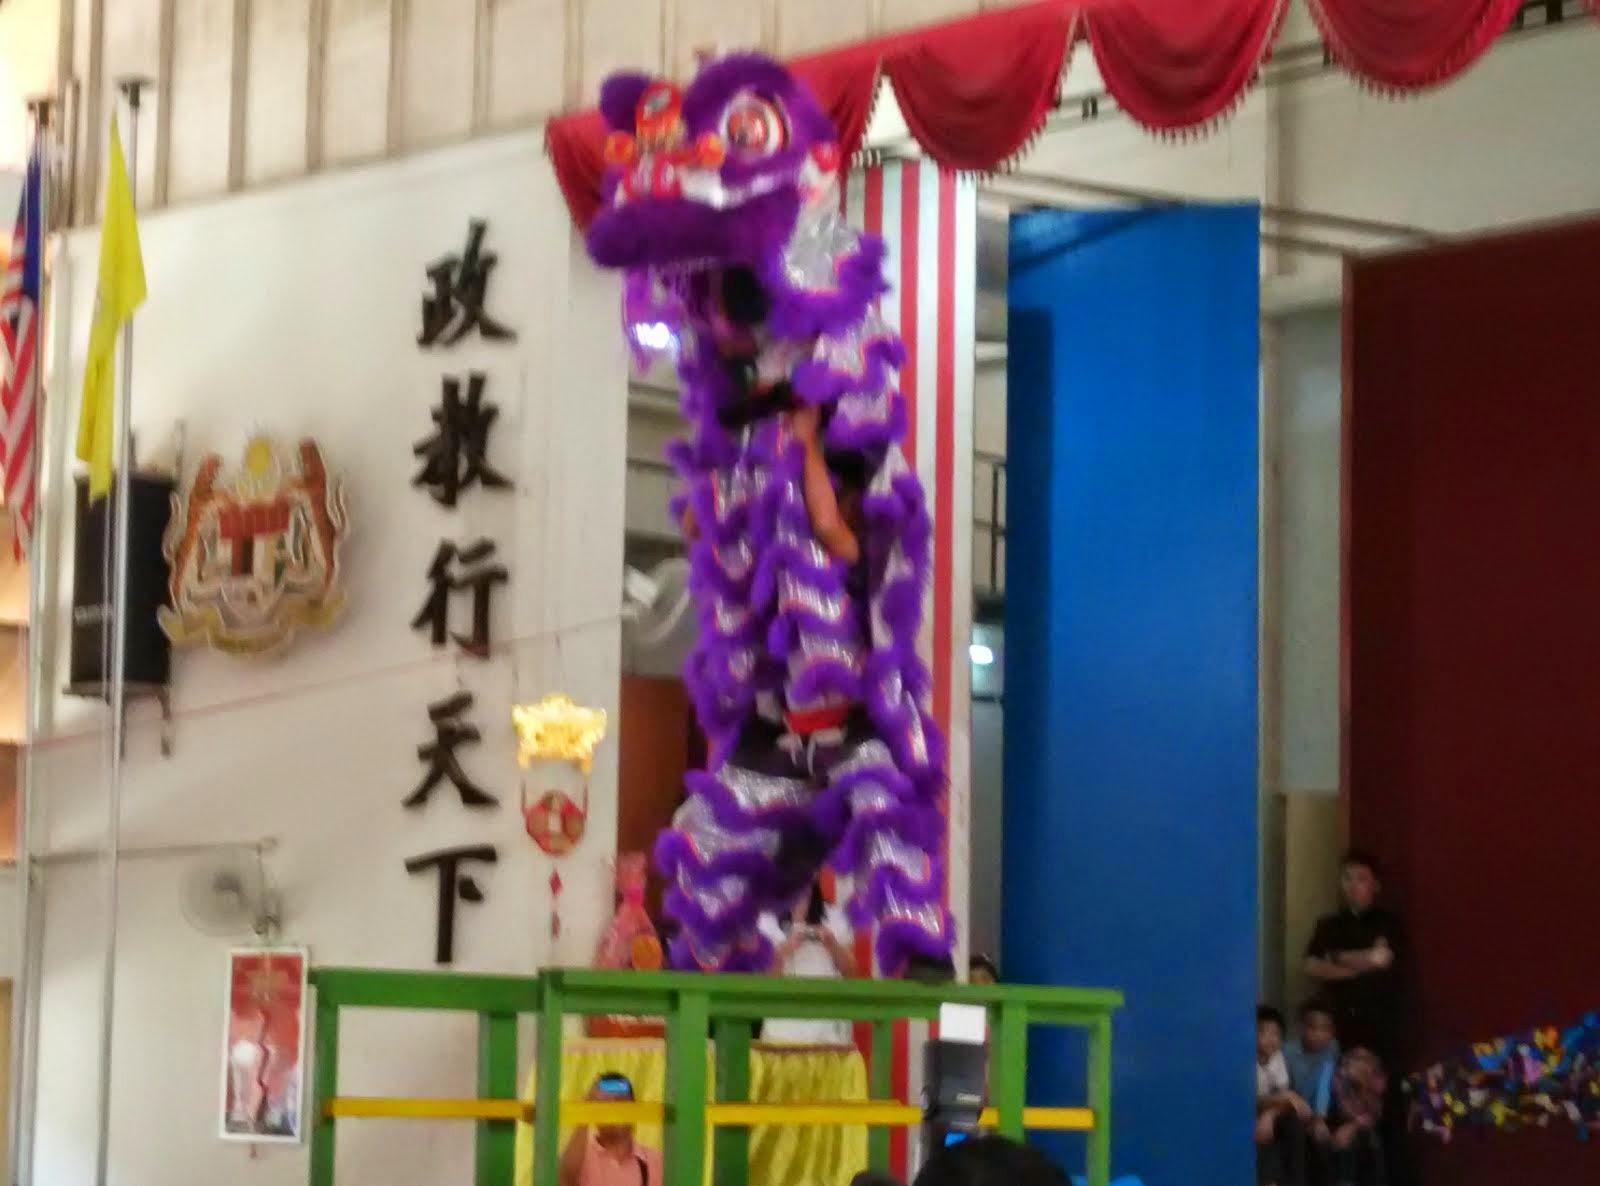 Pesta Angpau 2015